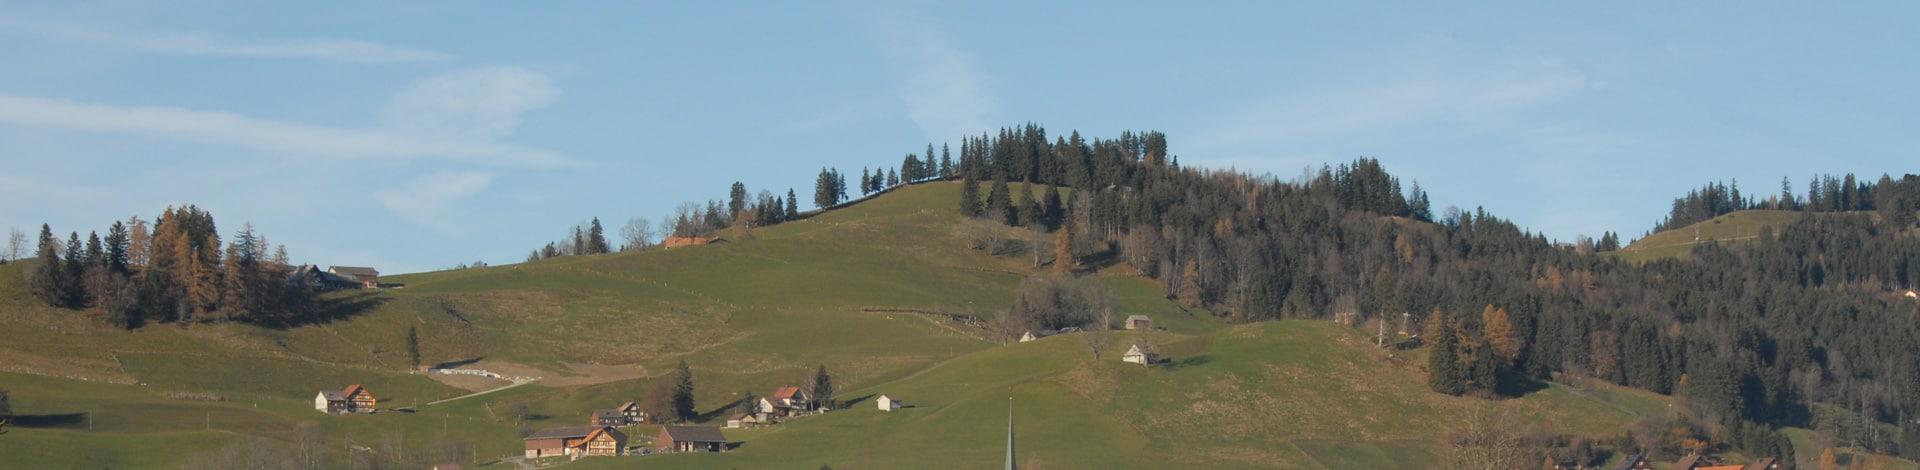 scenario nella regione dell'Appenzello